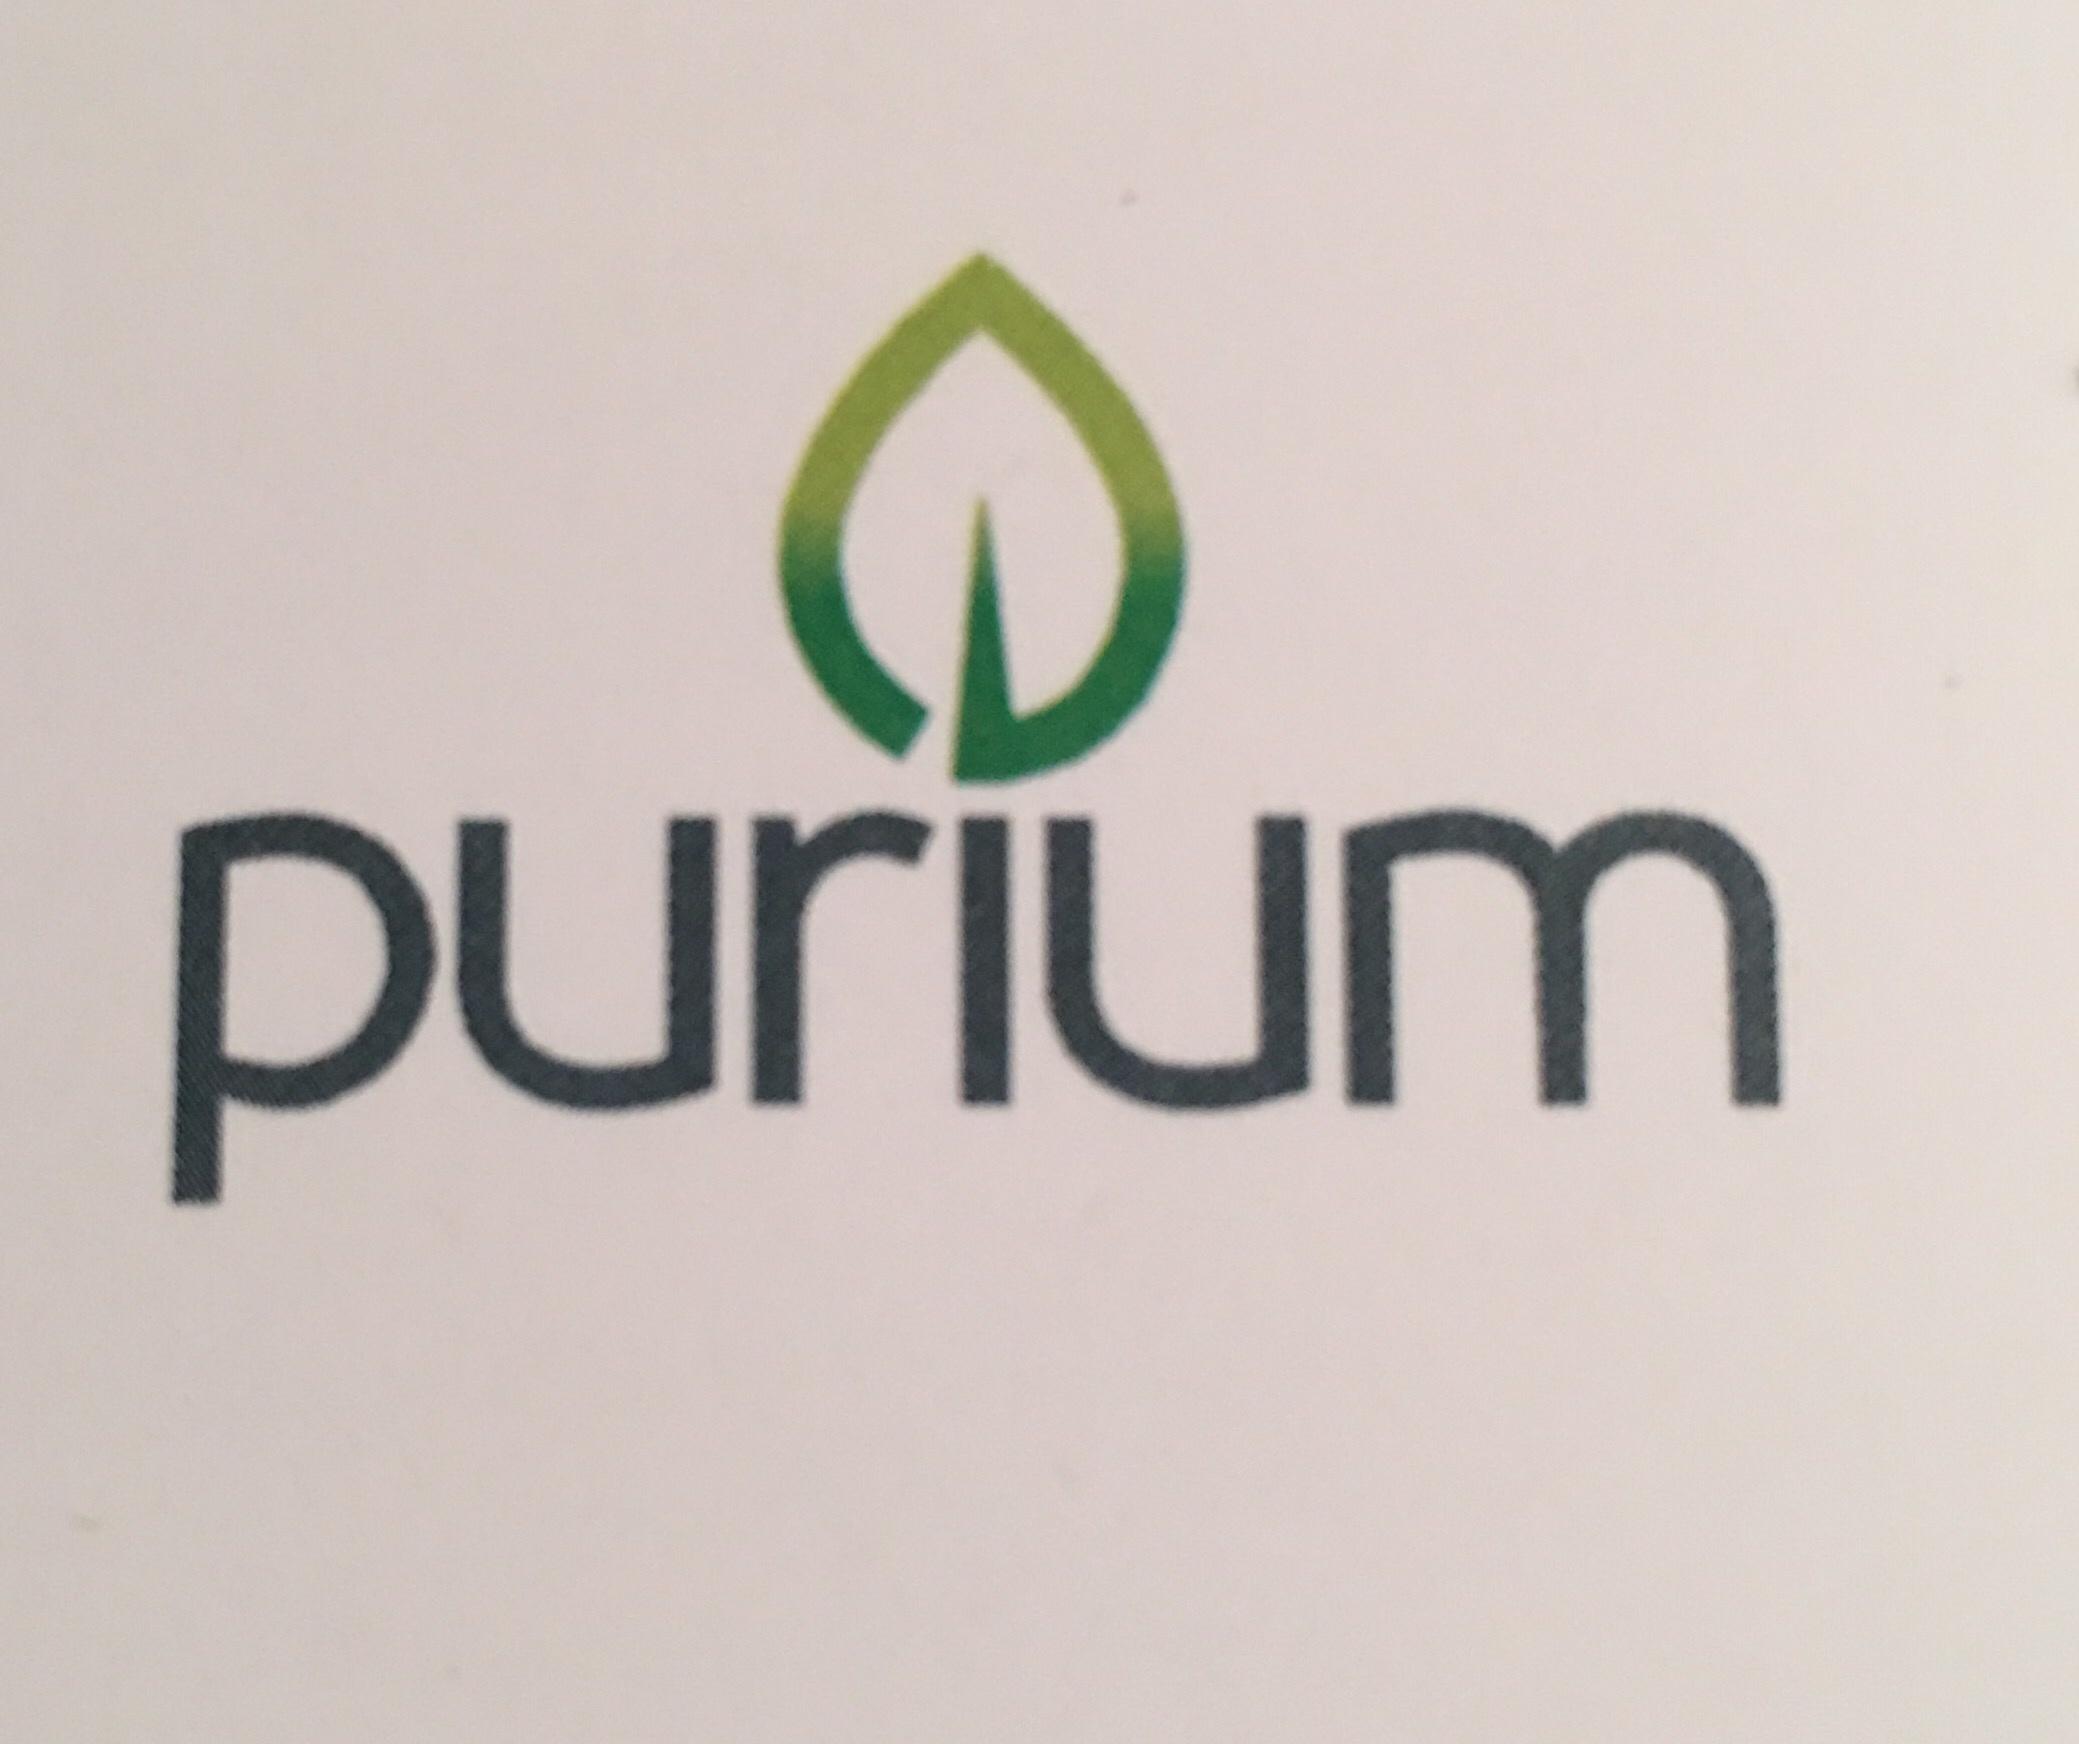 purium 2